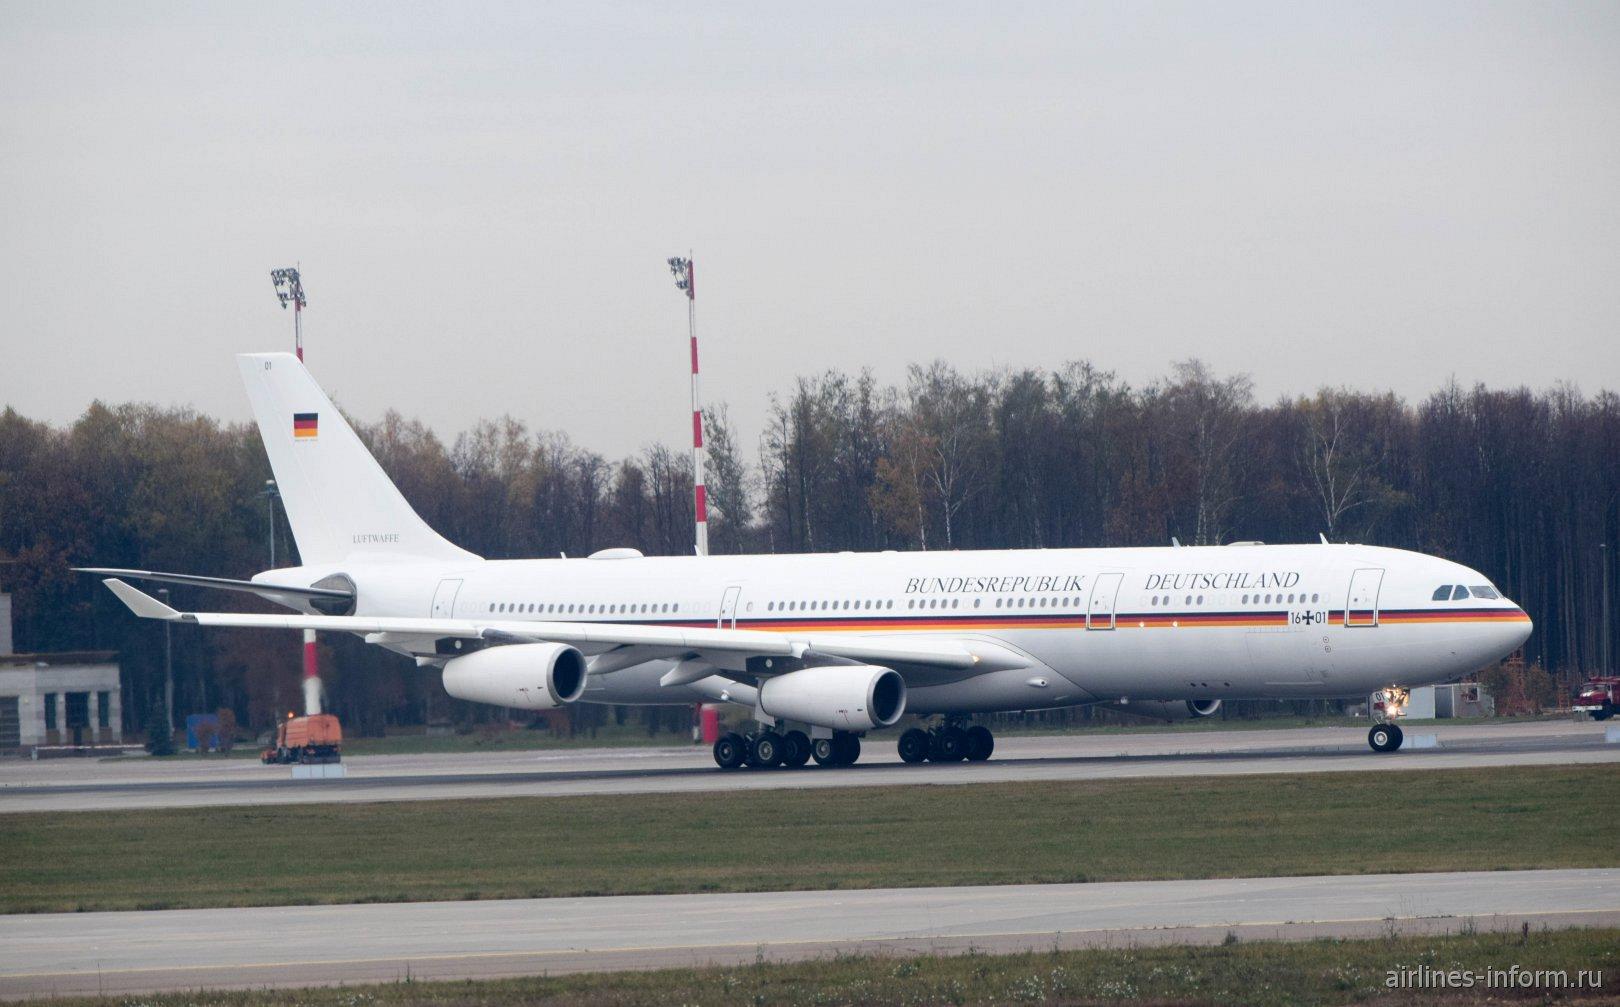 Airbus A340-300 правительственного авиаотряда Германии в аэропорту Внуково